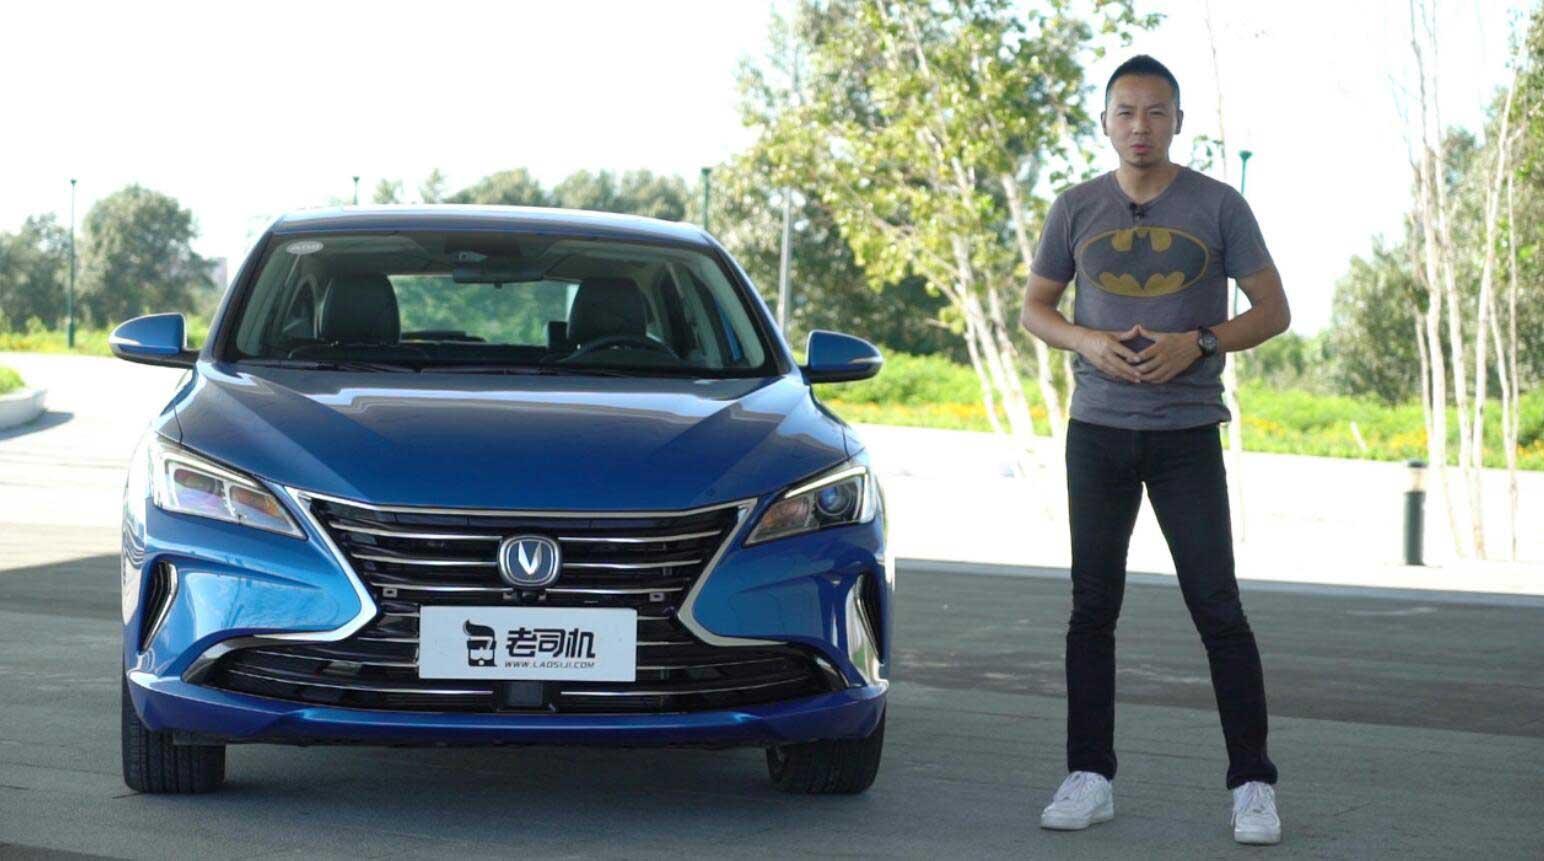 老司机试车:胡正阳试驾长安逸动XT,同级别为数不多的最新换代产品